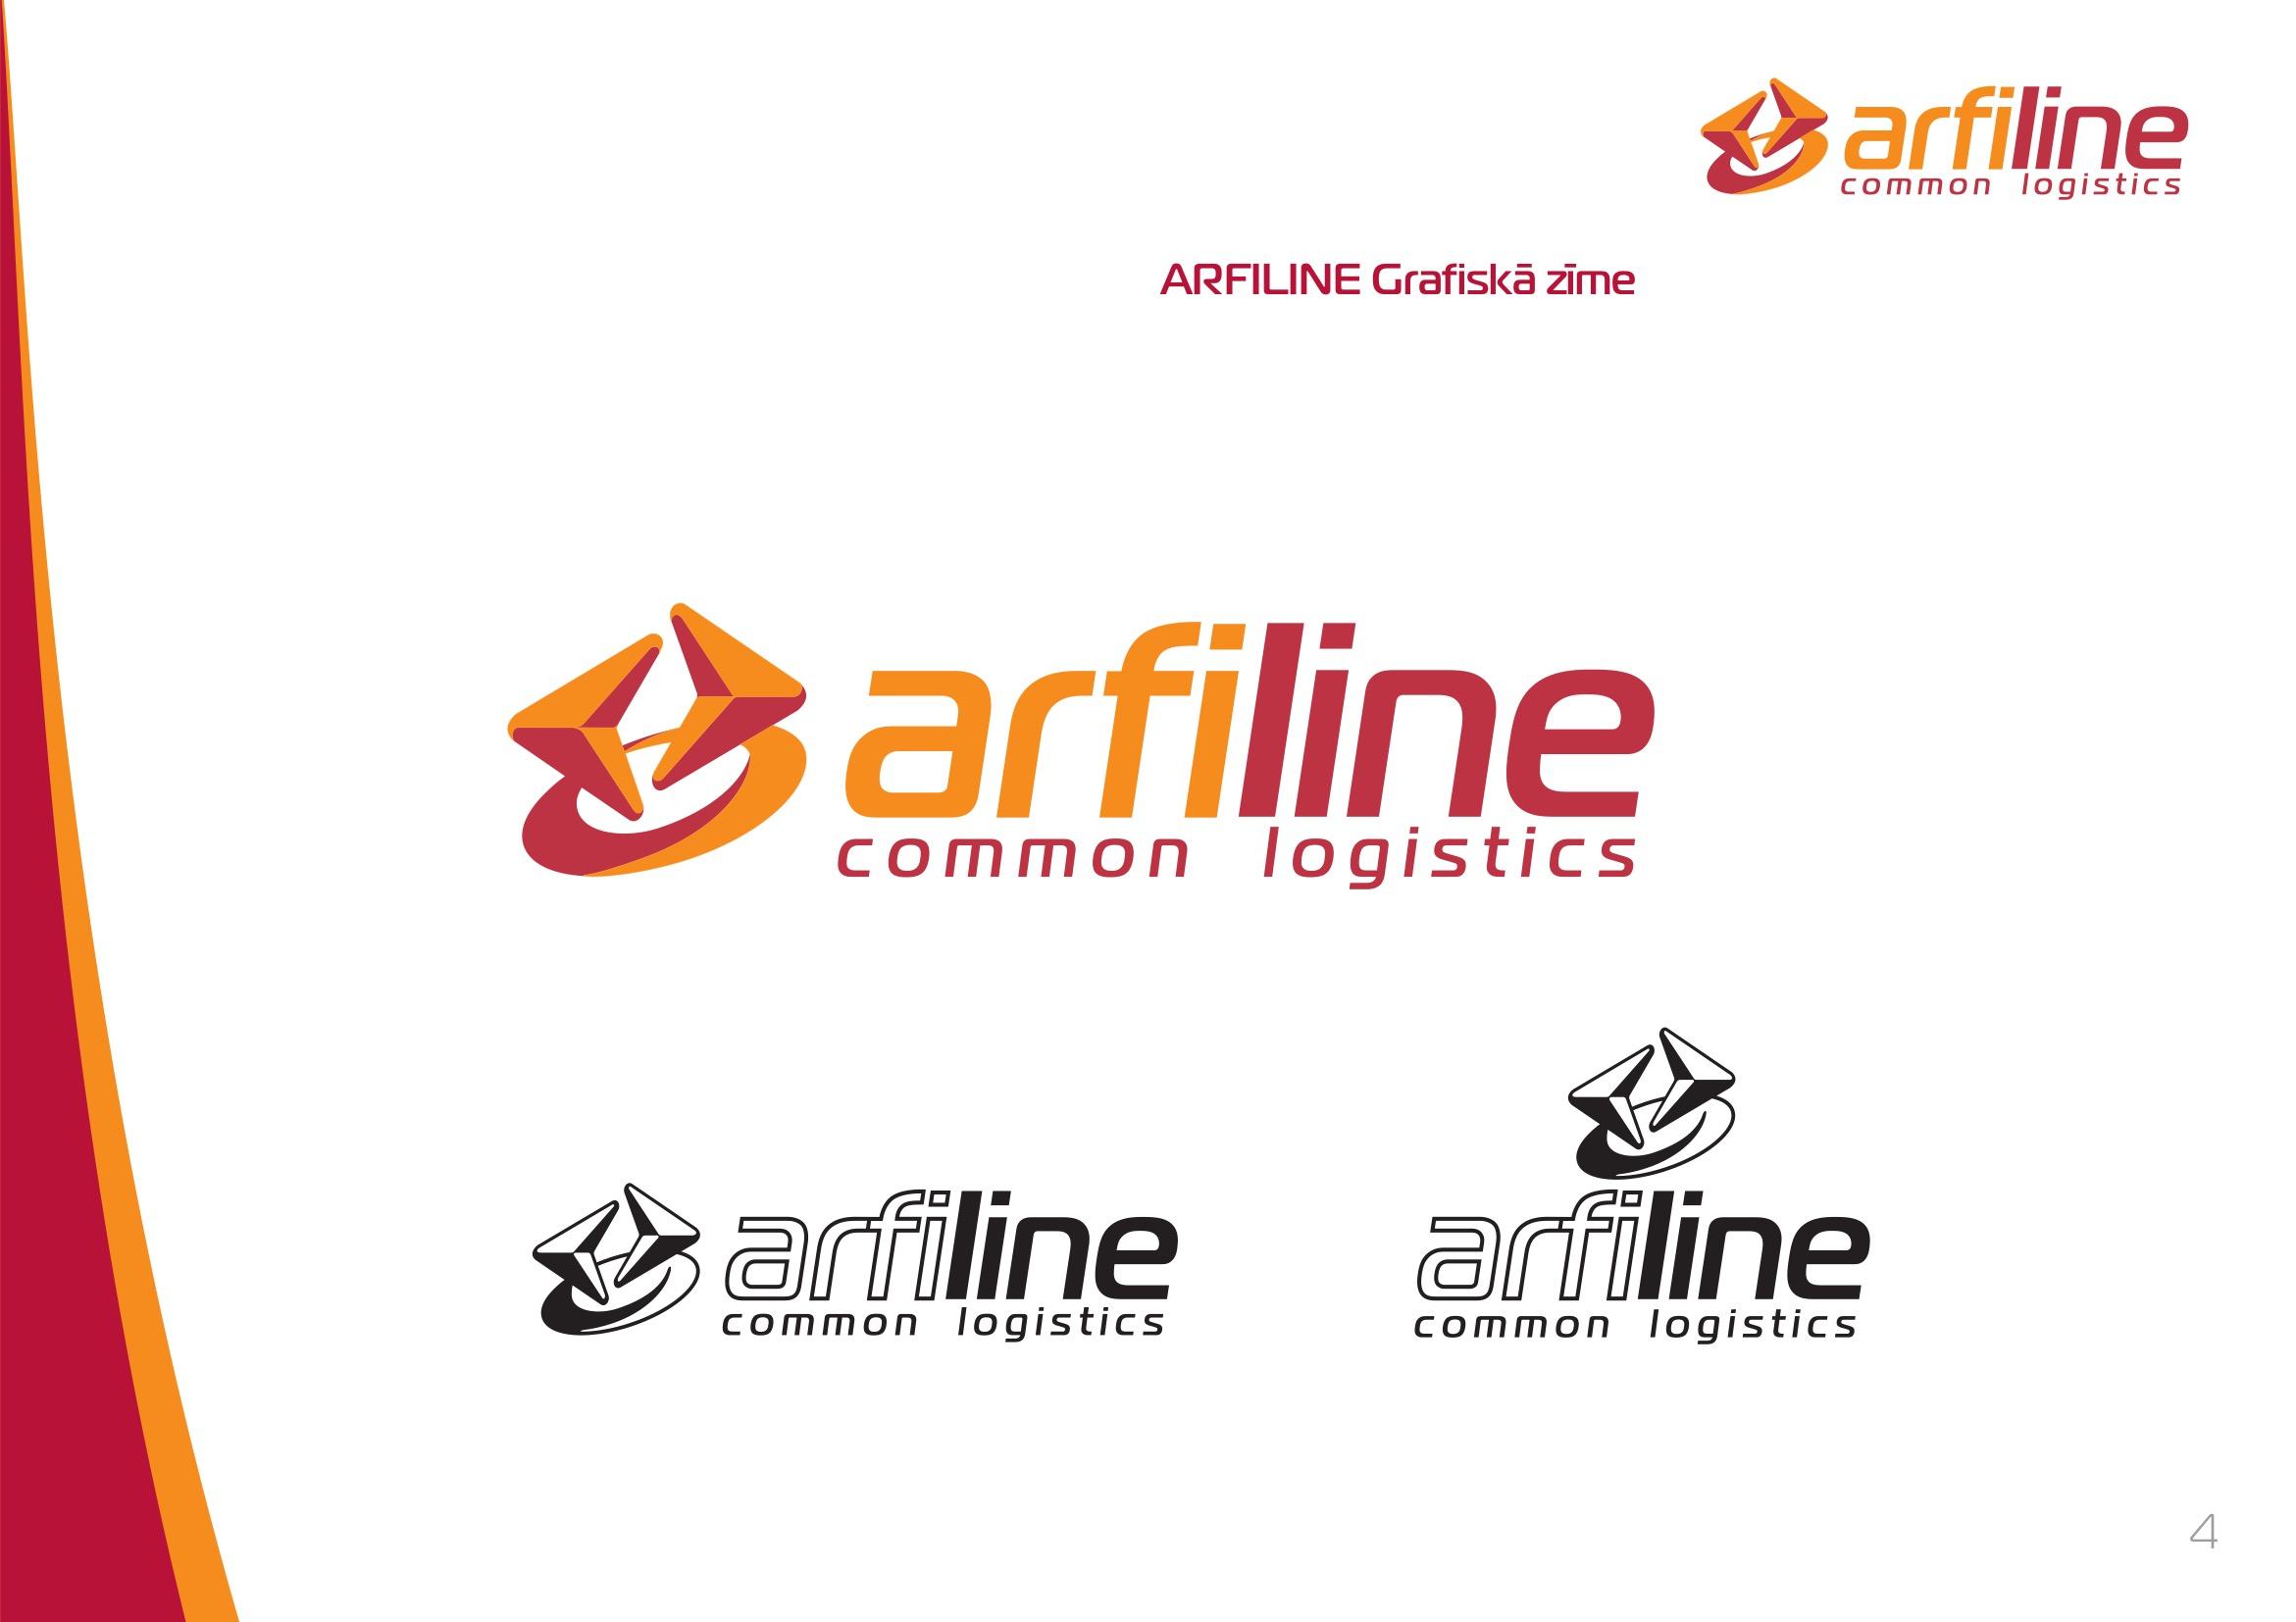 ARFILine_tils 4